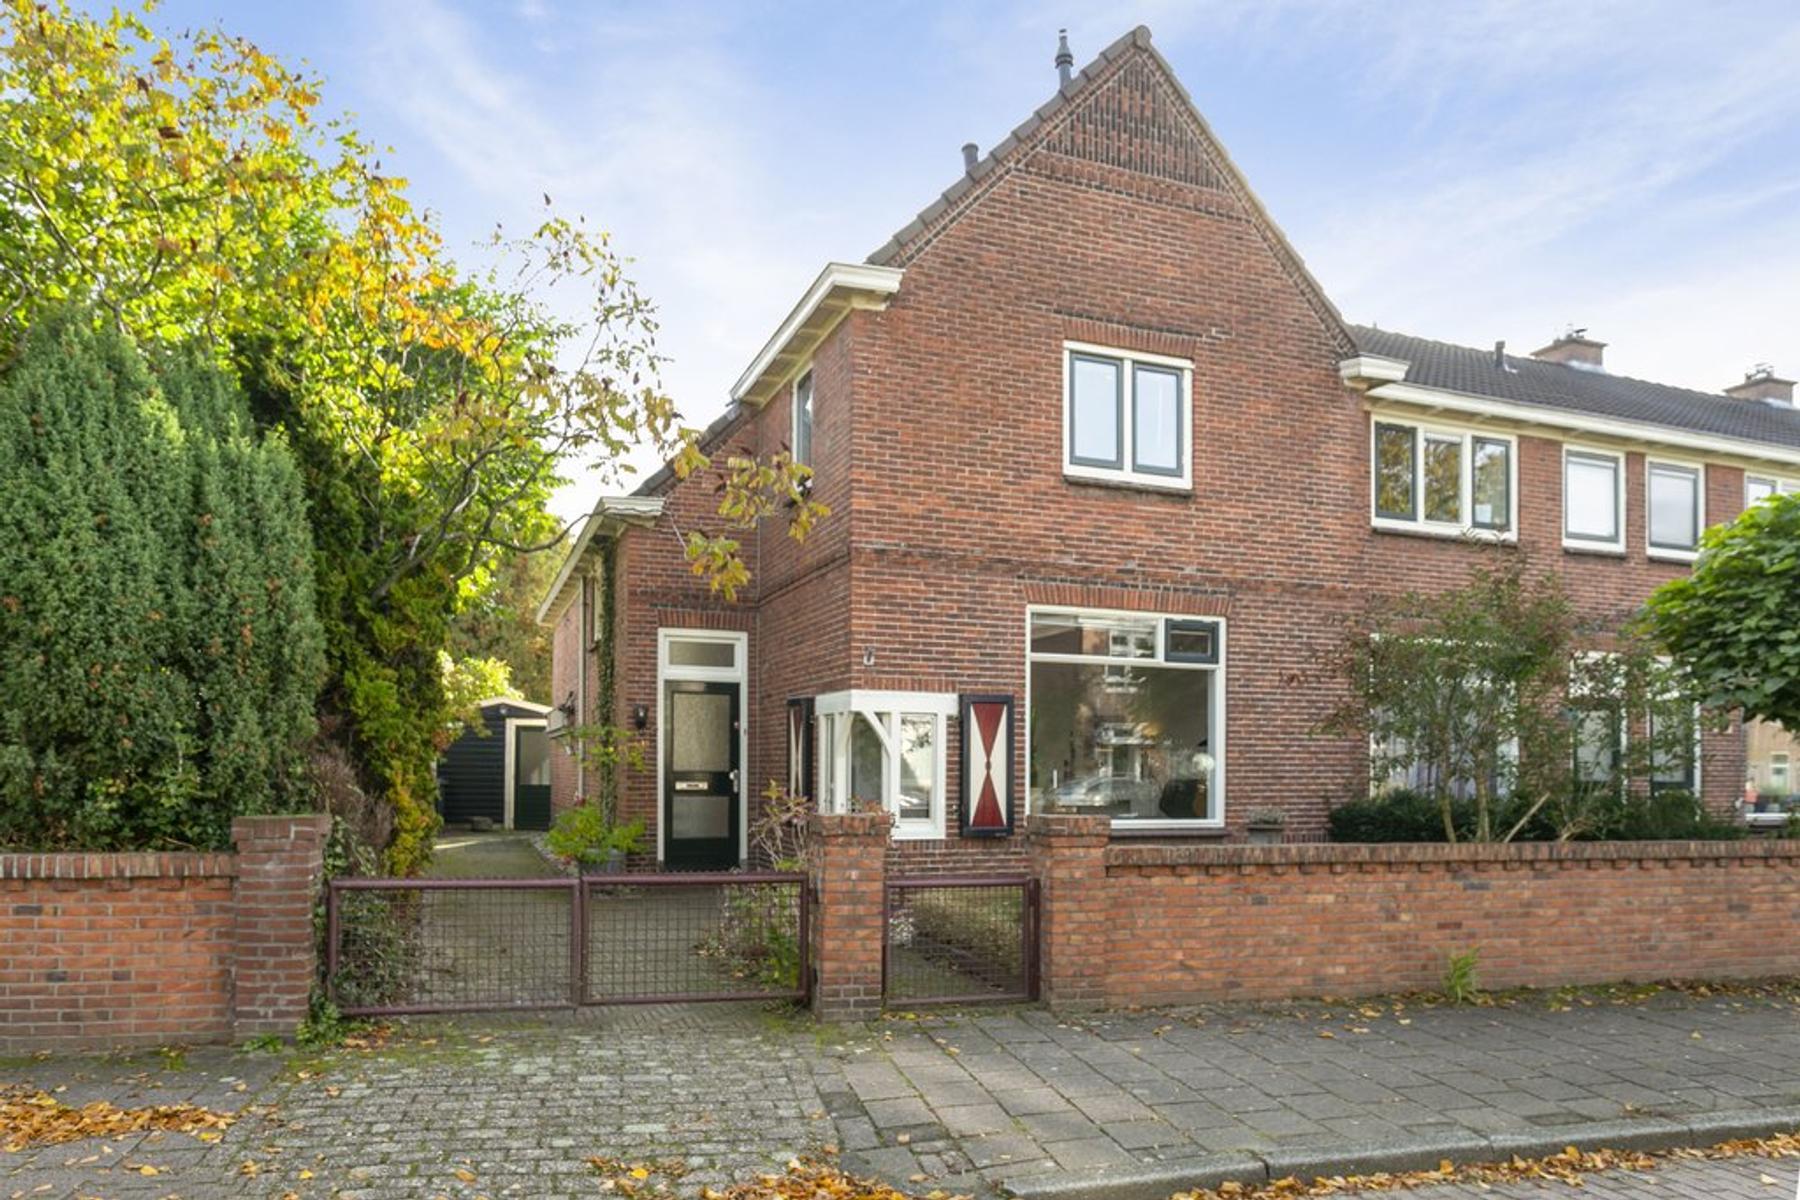 Groen Van Prinstererlaan 13 in Enschede 7521 AX